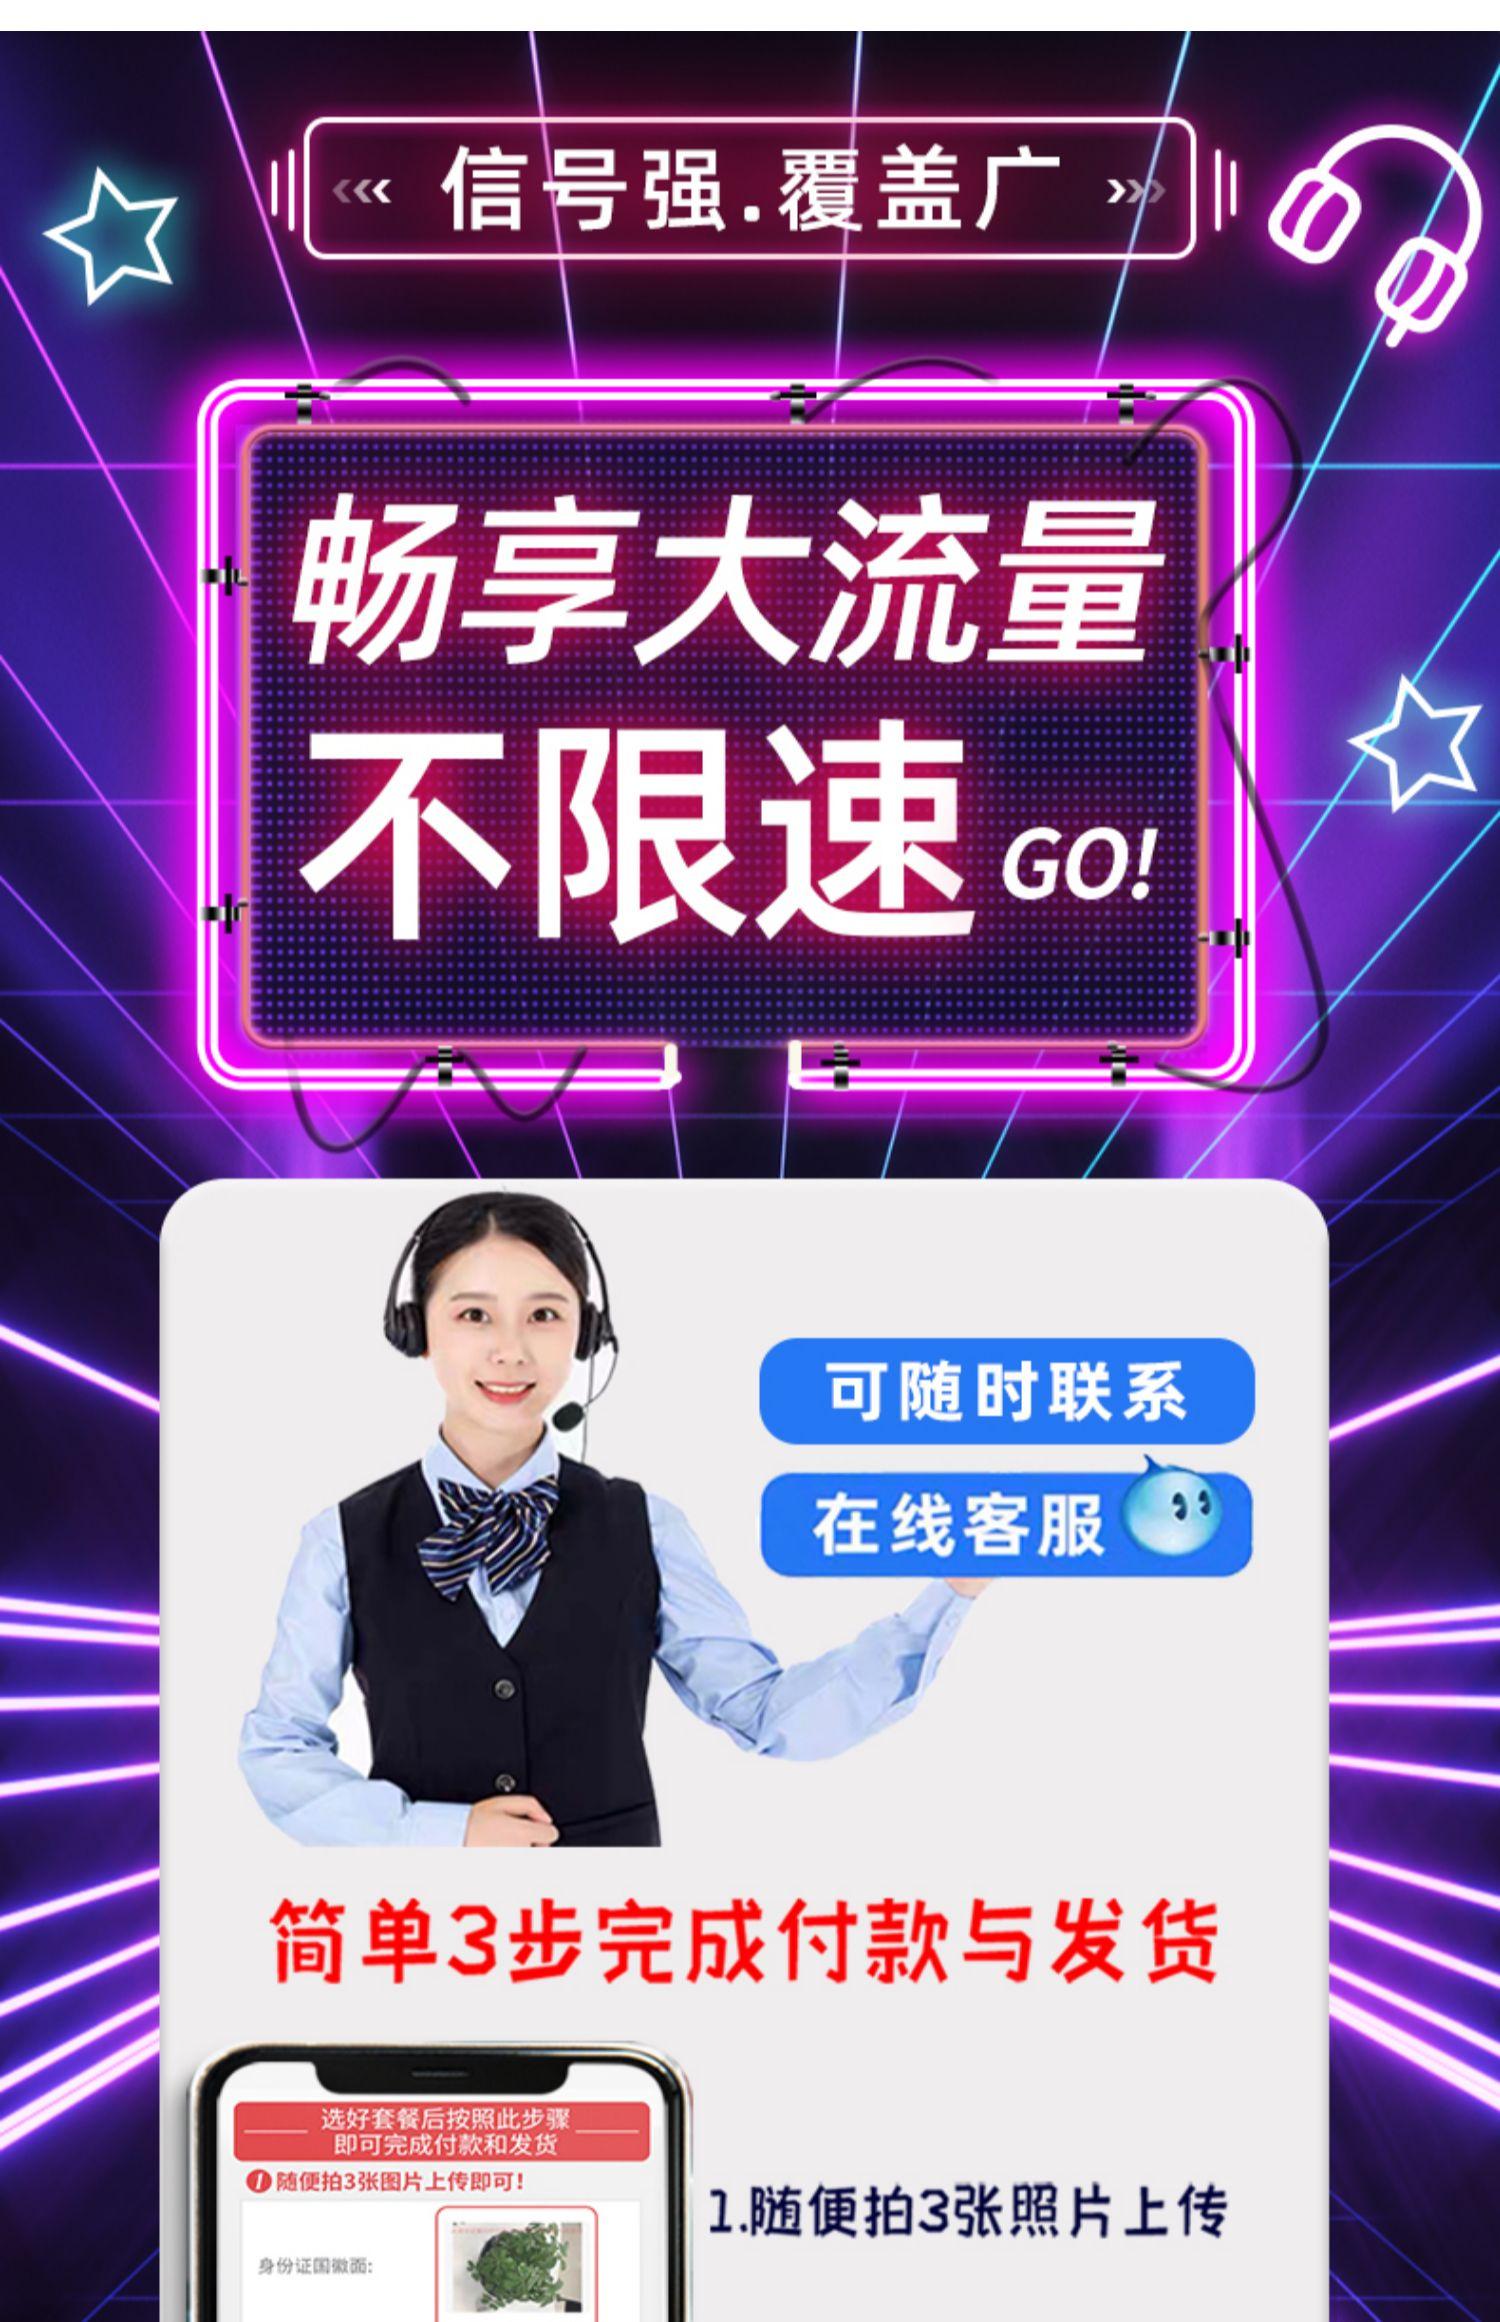 【移动流量卡】纯流量上网手机电话大王5g号1